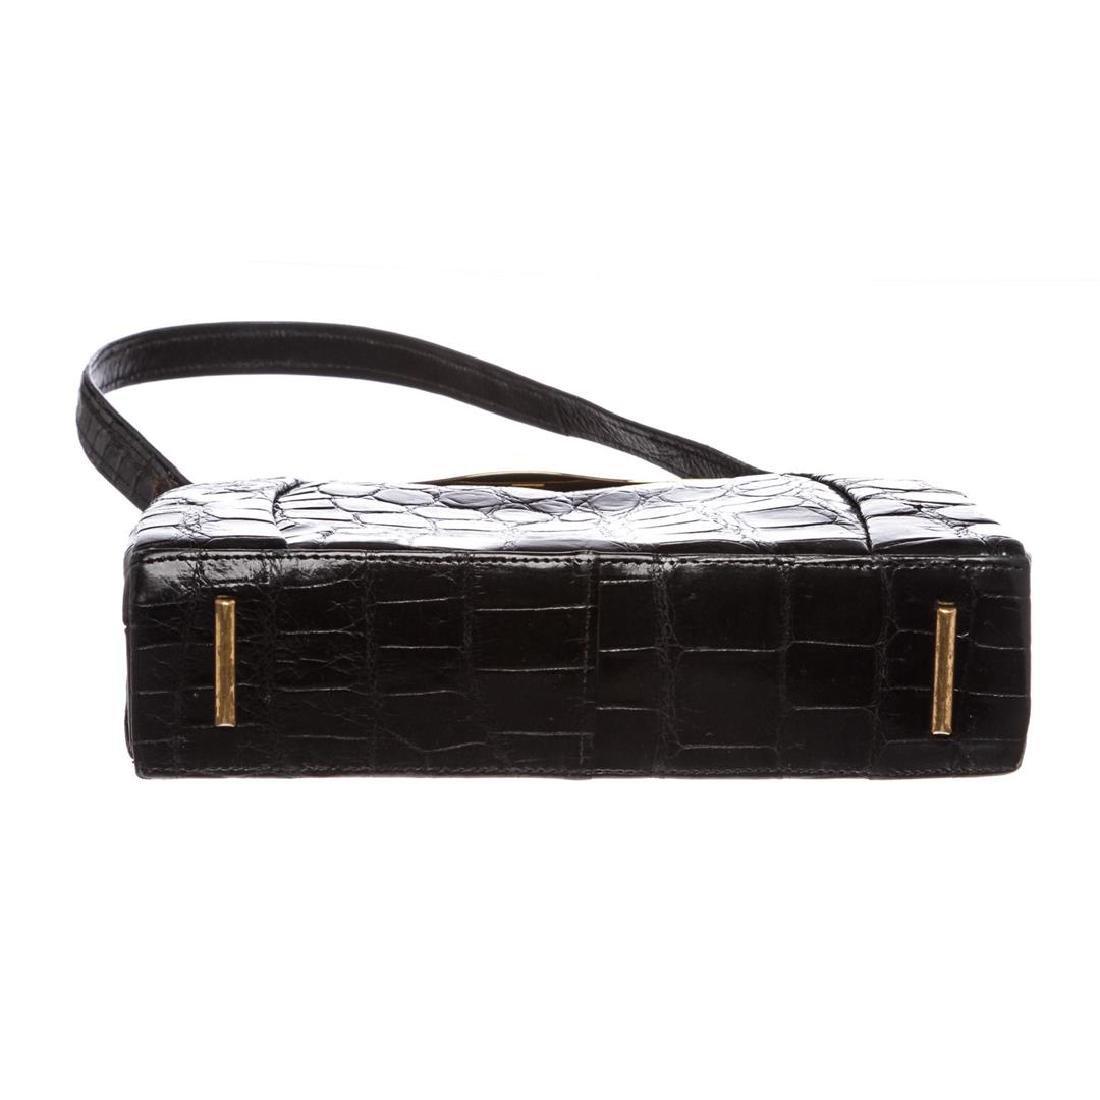 Fassbender Black Croc Vintage Leather Handbag - 4